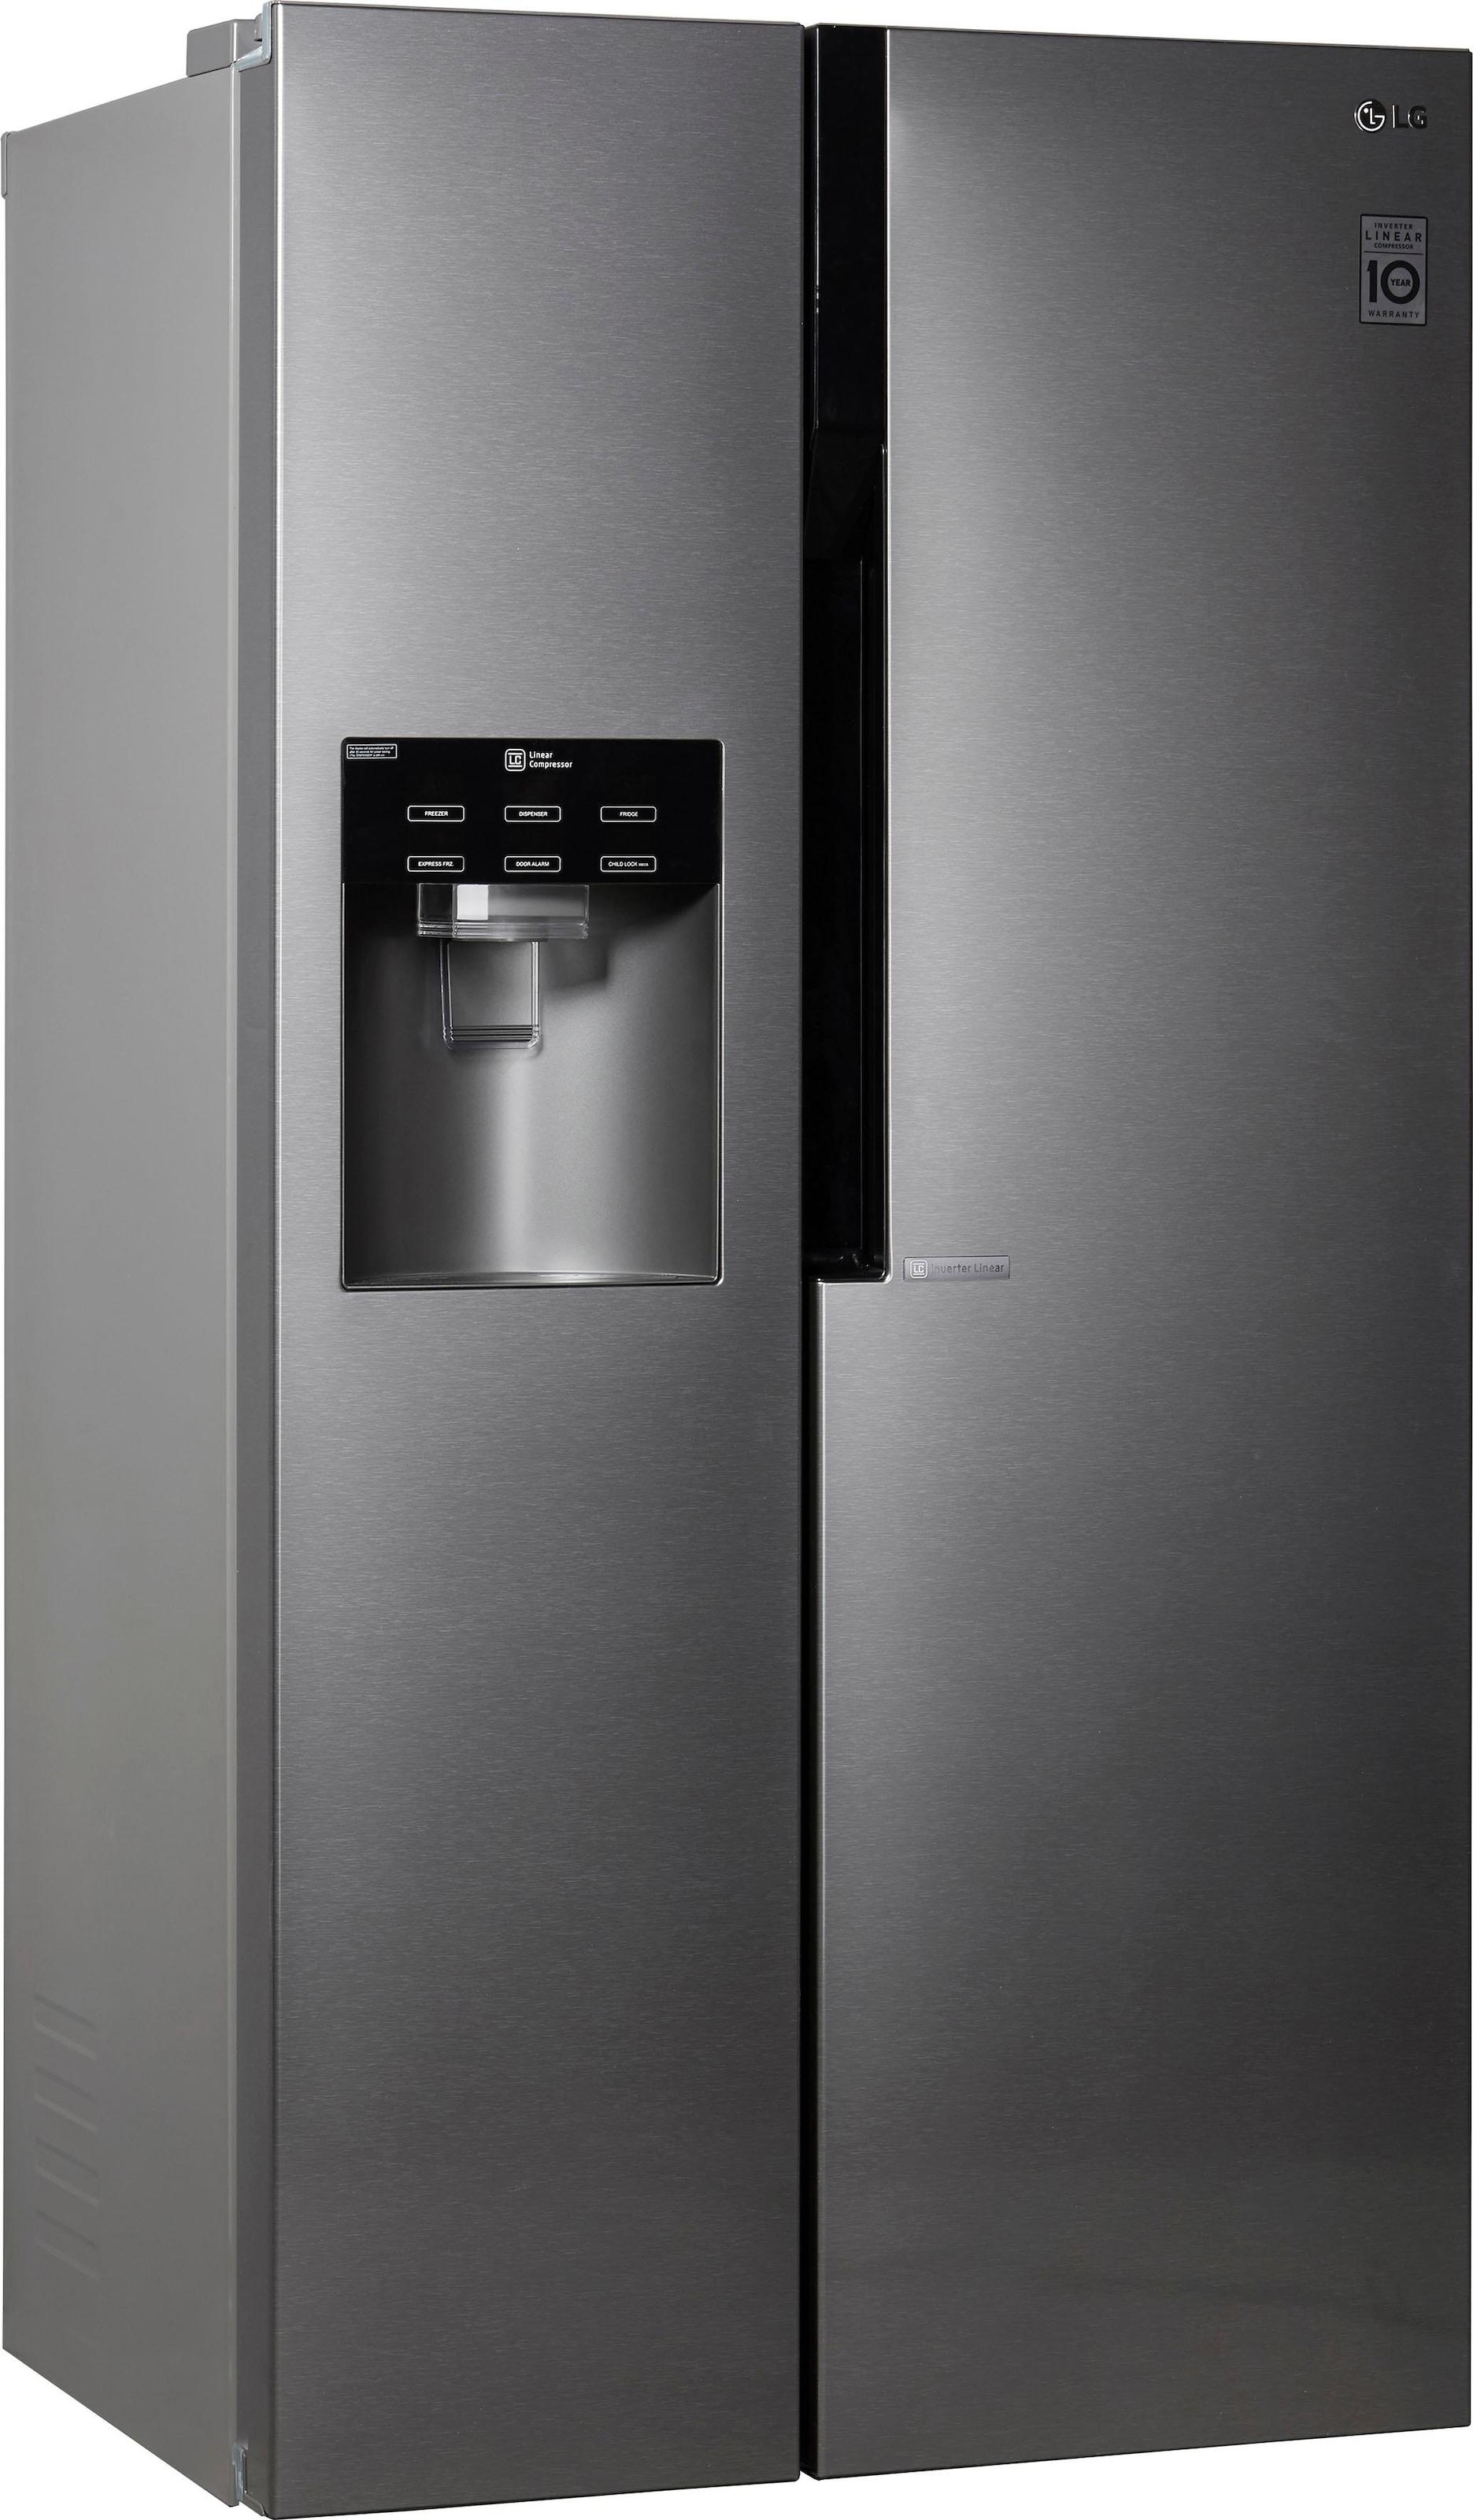 Amerikanischer Kühlschrank Von Lg : Lg side by side cm hoch cm breit online kaufen baur